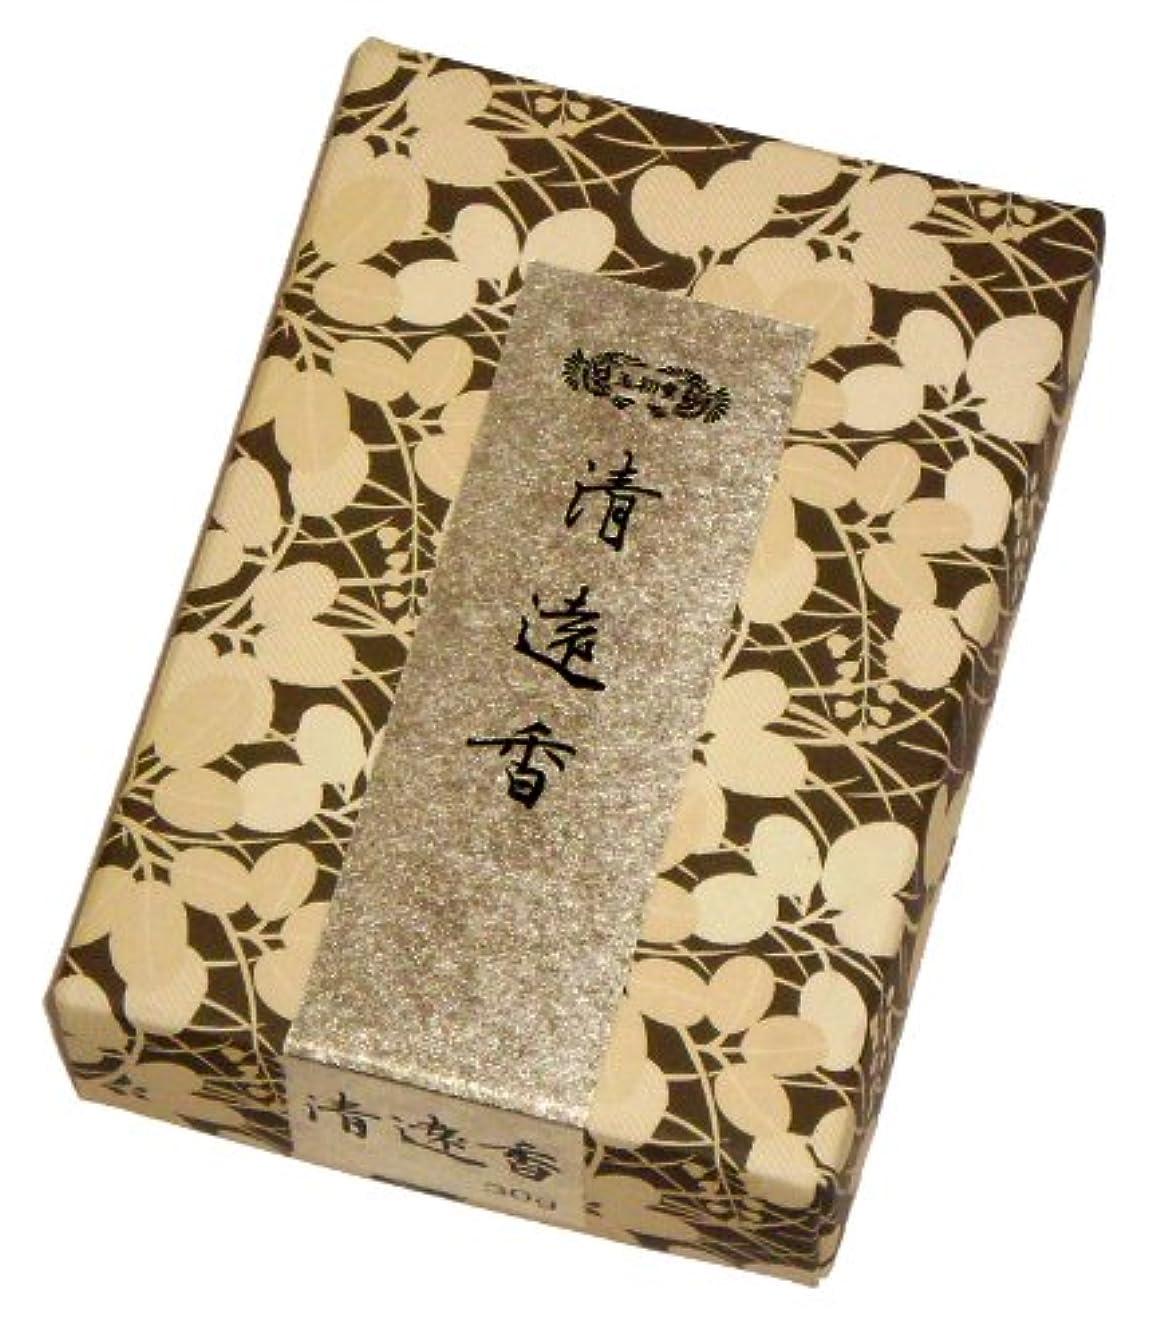 玉初堂のお香 清遠香 30g #605